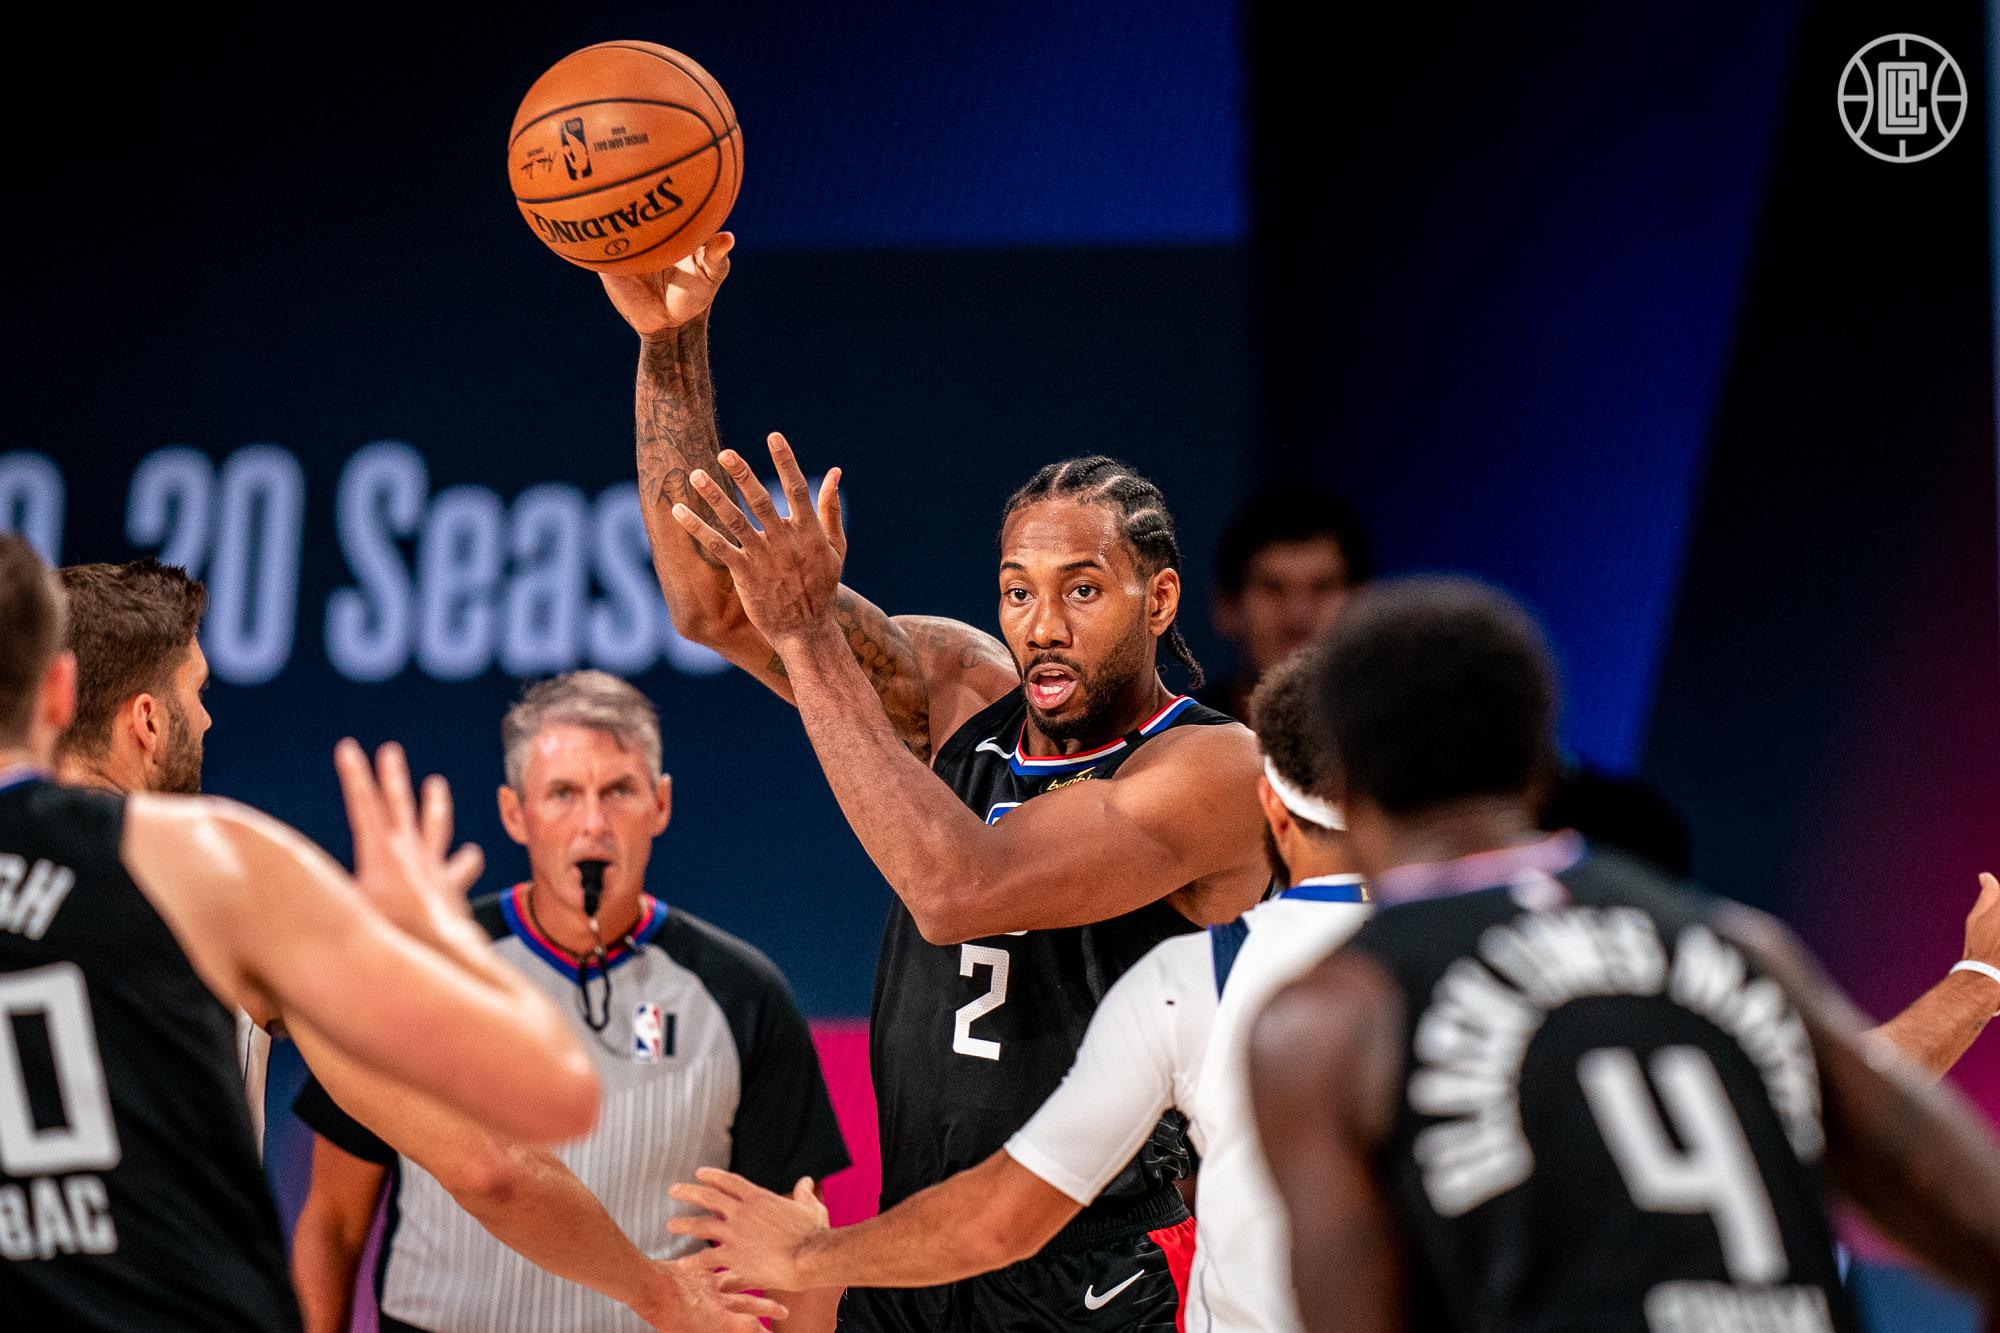 De a poco se van armando los cuadros para la próxima ronda en la postemporada de la NBA